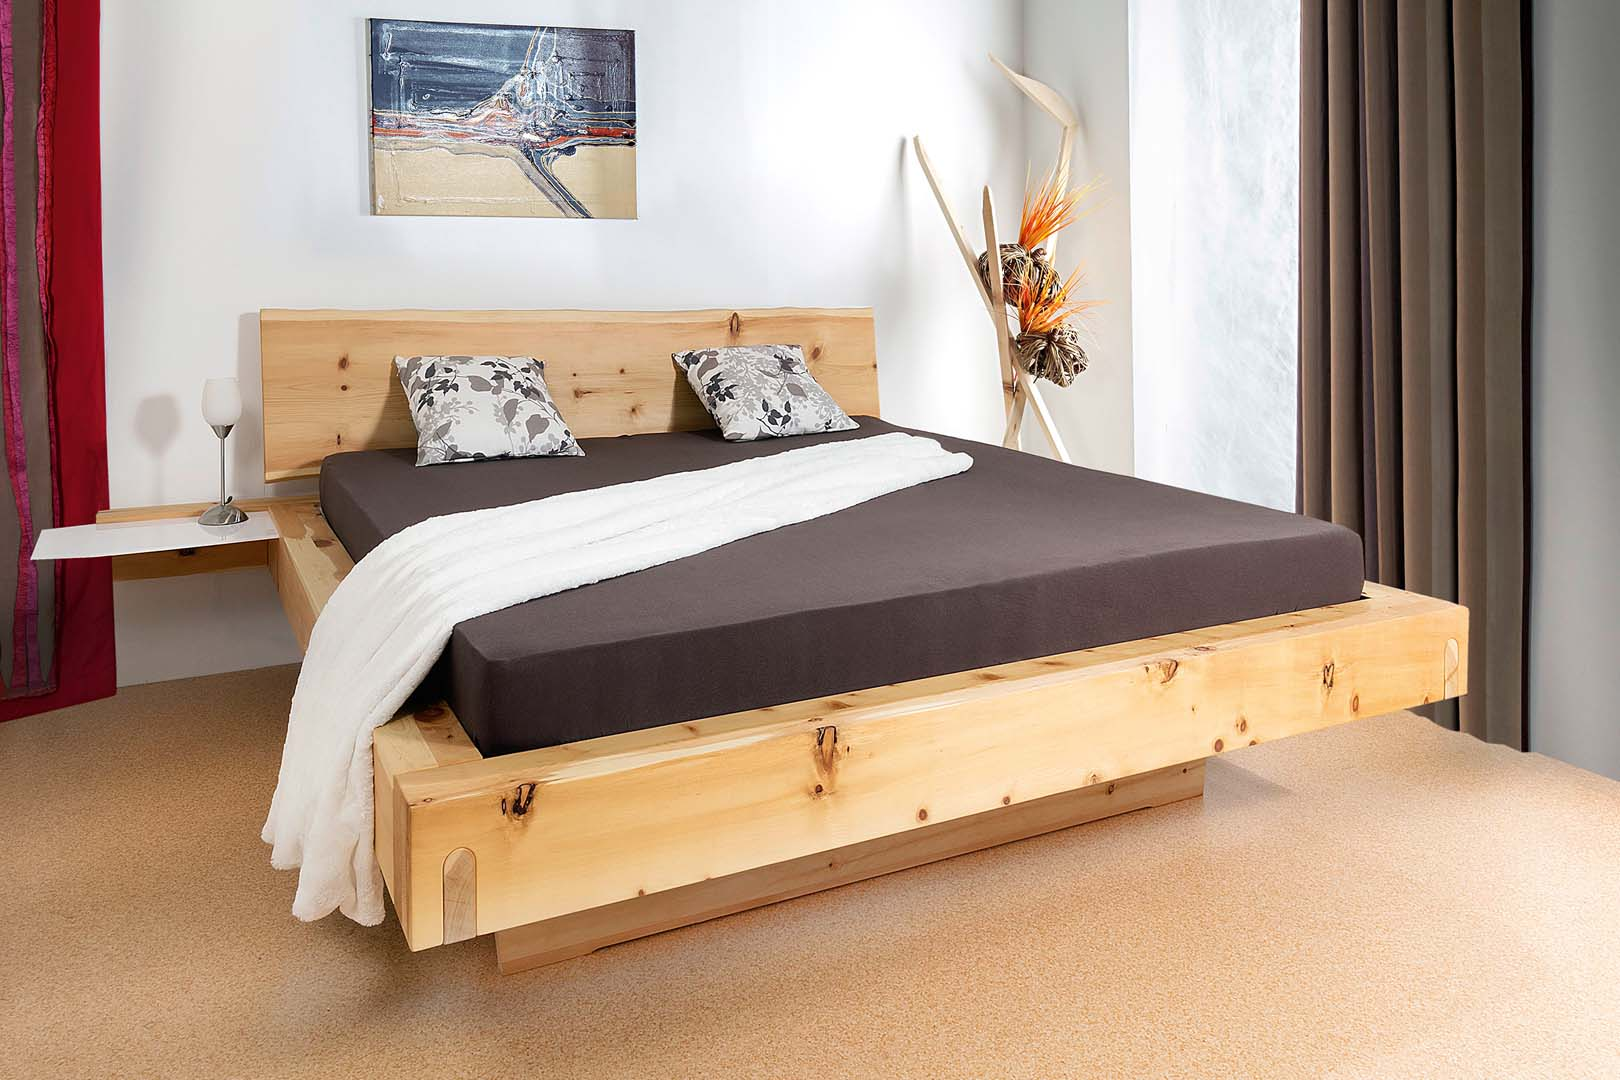 Balkenbett Tries in Zirbenholz